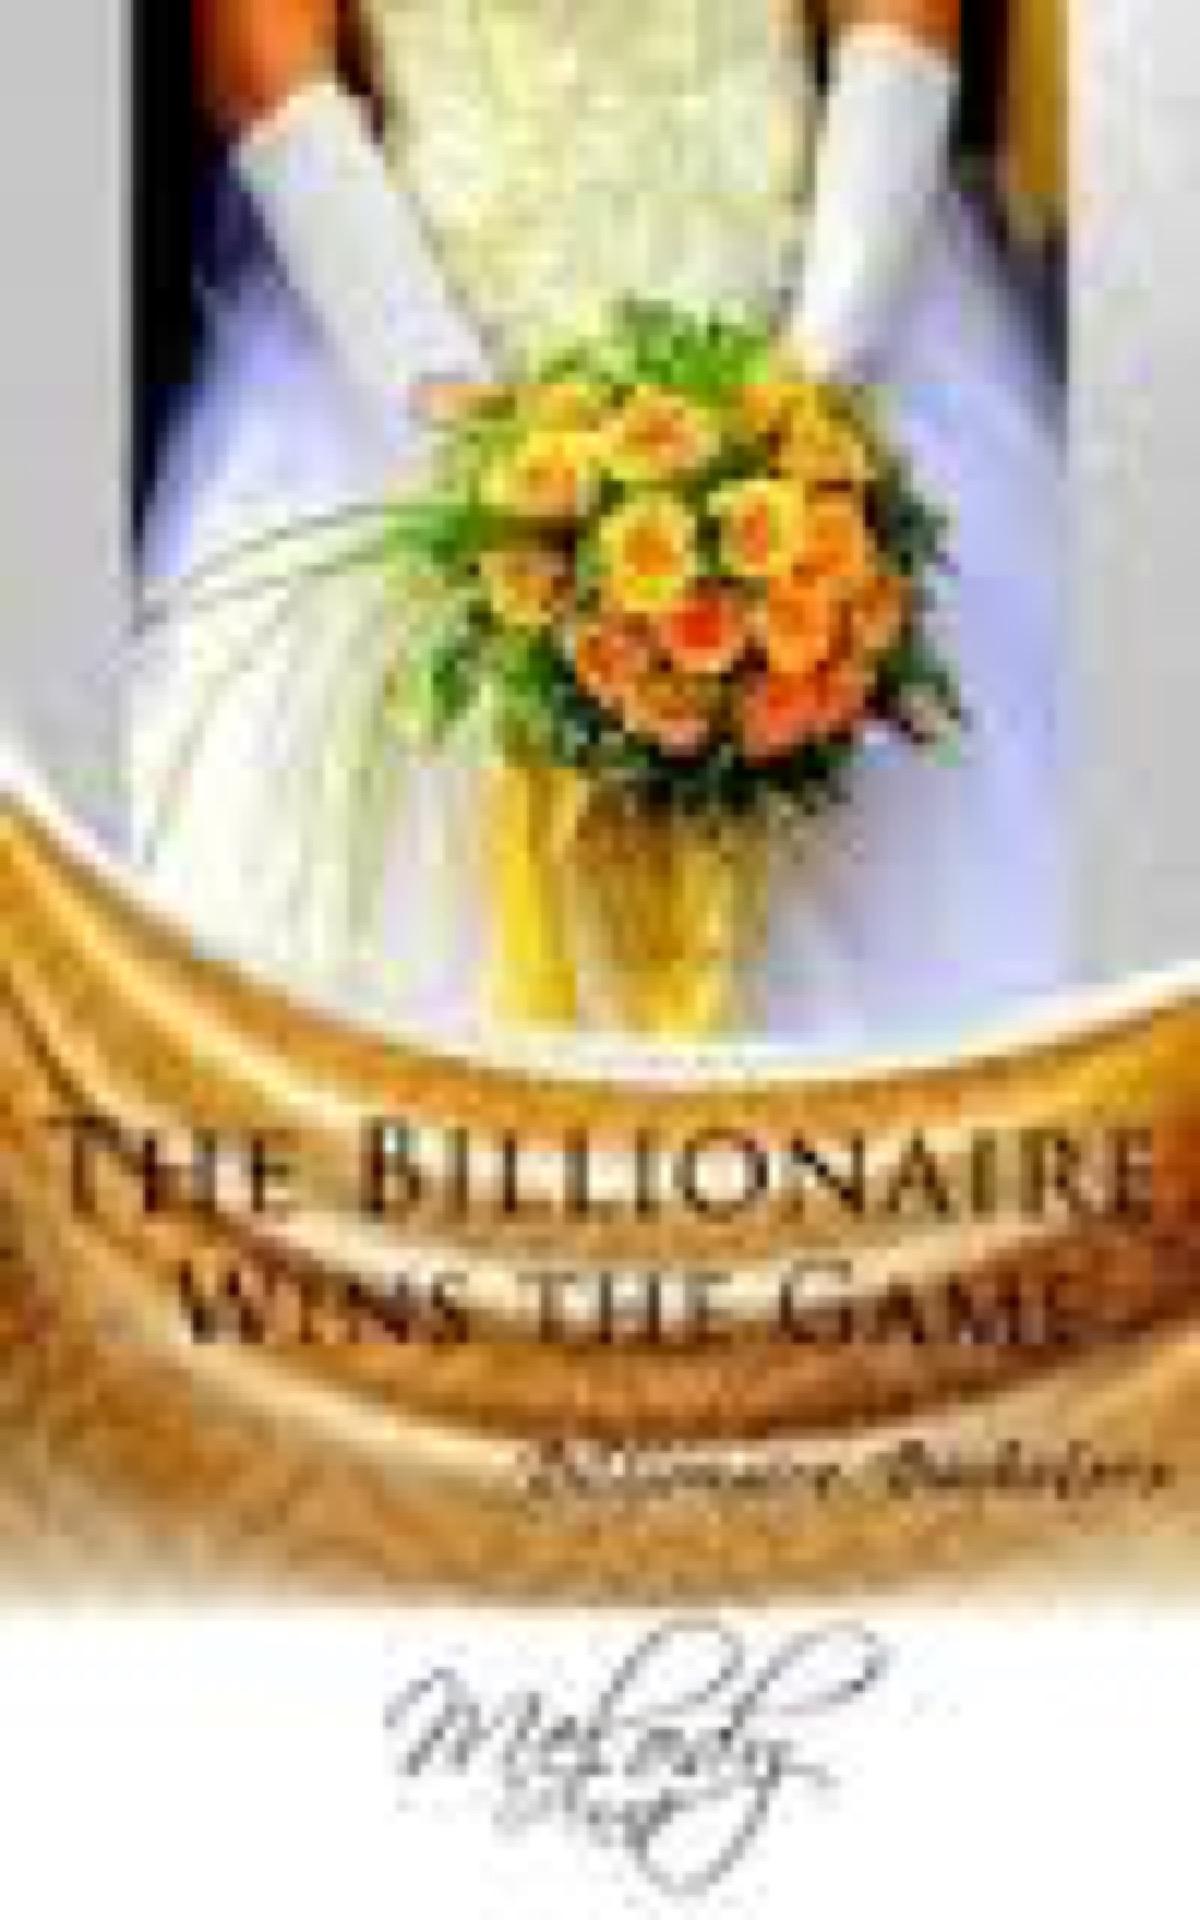 billionaire (1920).jpeg